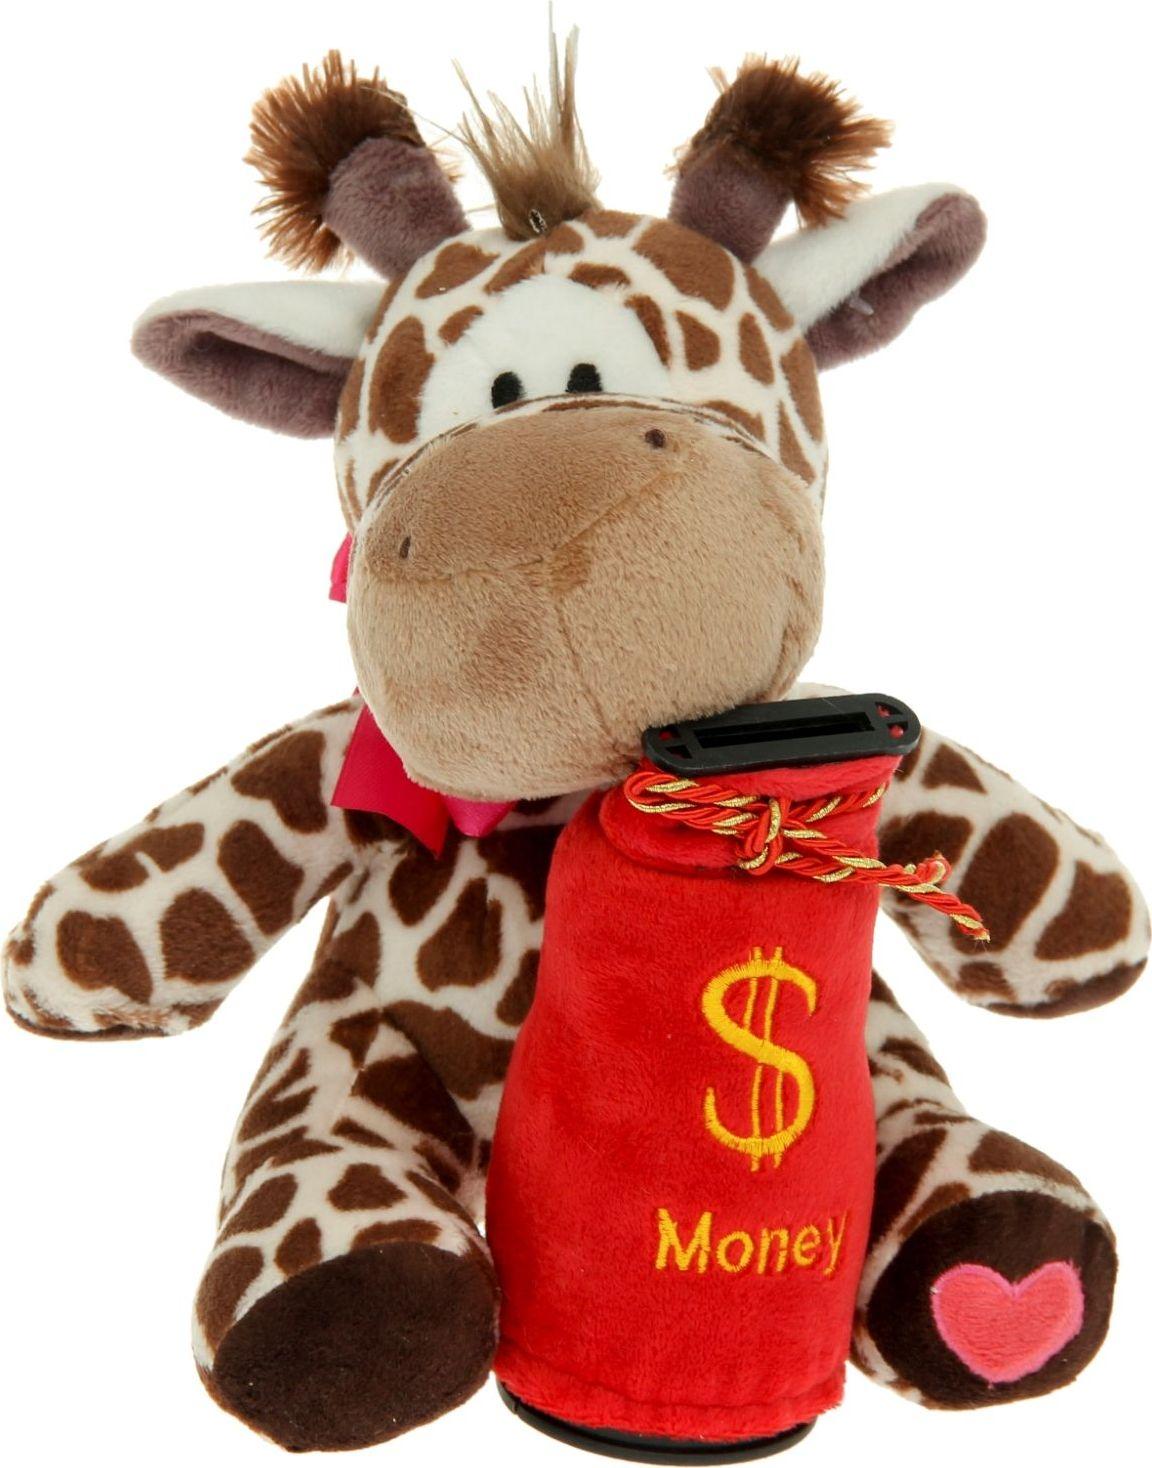 Sima-land Музыкальная игрушка-копилка Жираф с бантиком 1036027 sima land мягкая игрушка глазастый петушок в шарфе и с бантиком